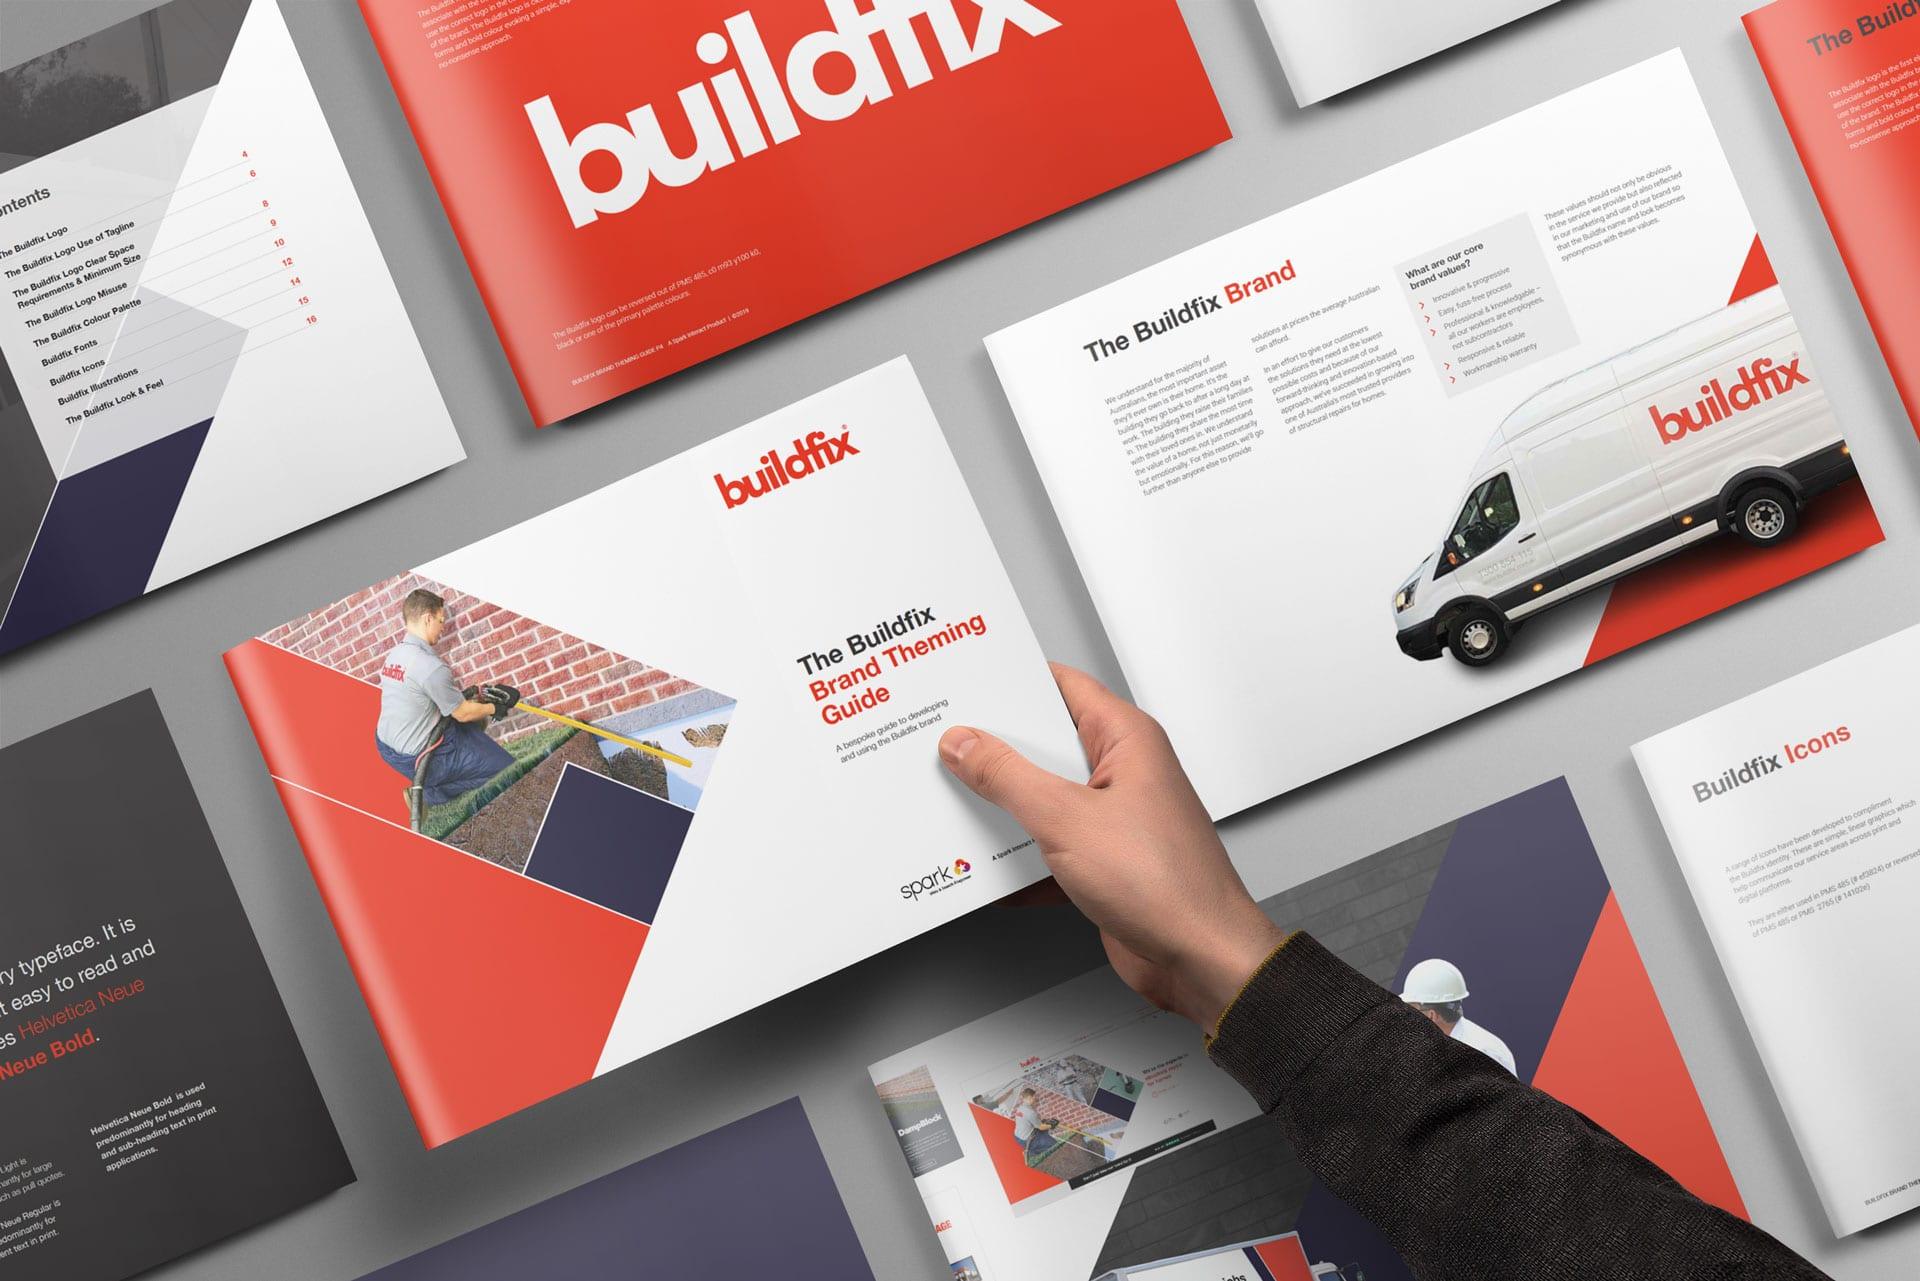 buildfix-branding-mockup1